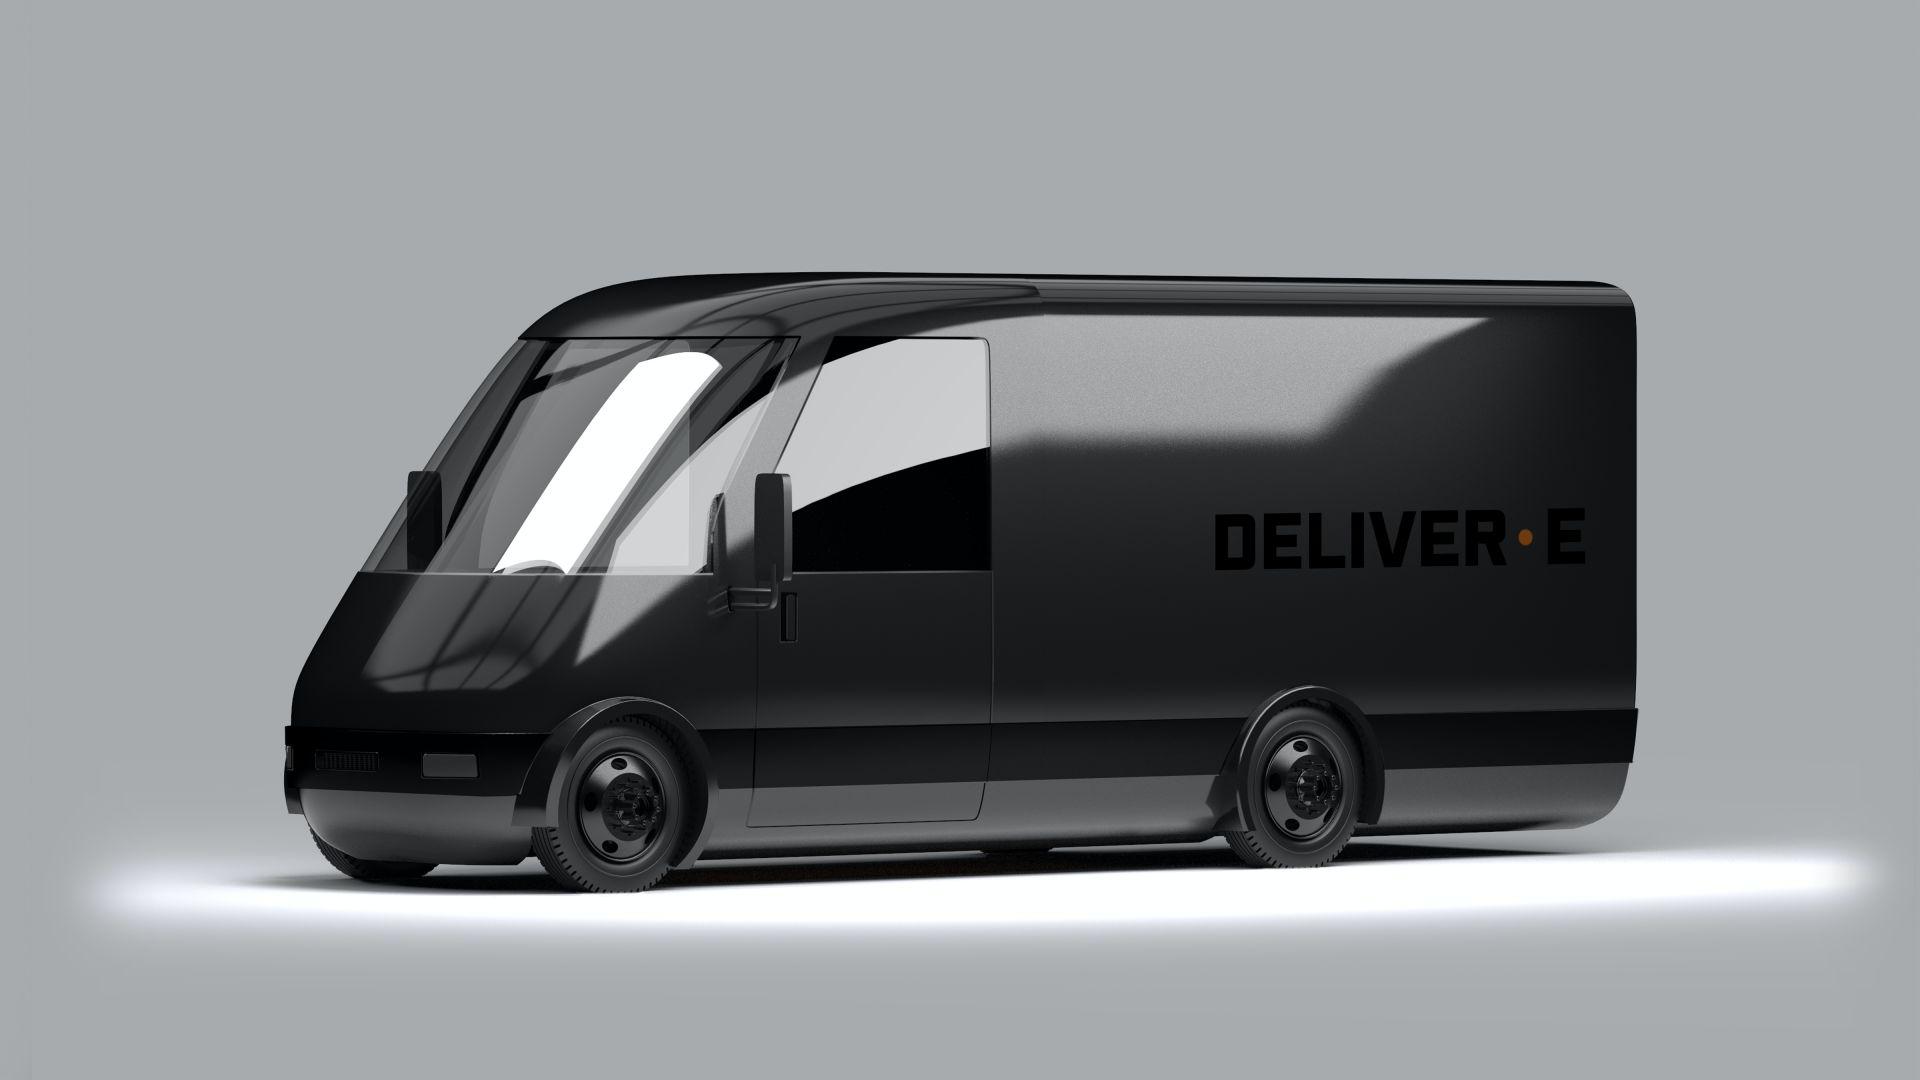 Bollinger-Deliver-E-van-3